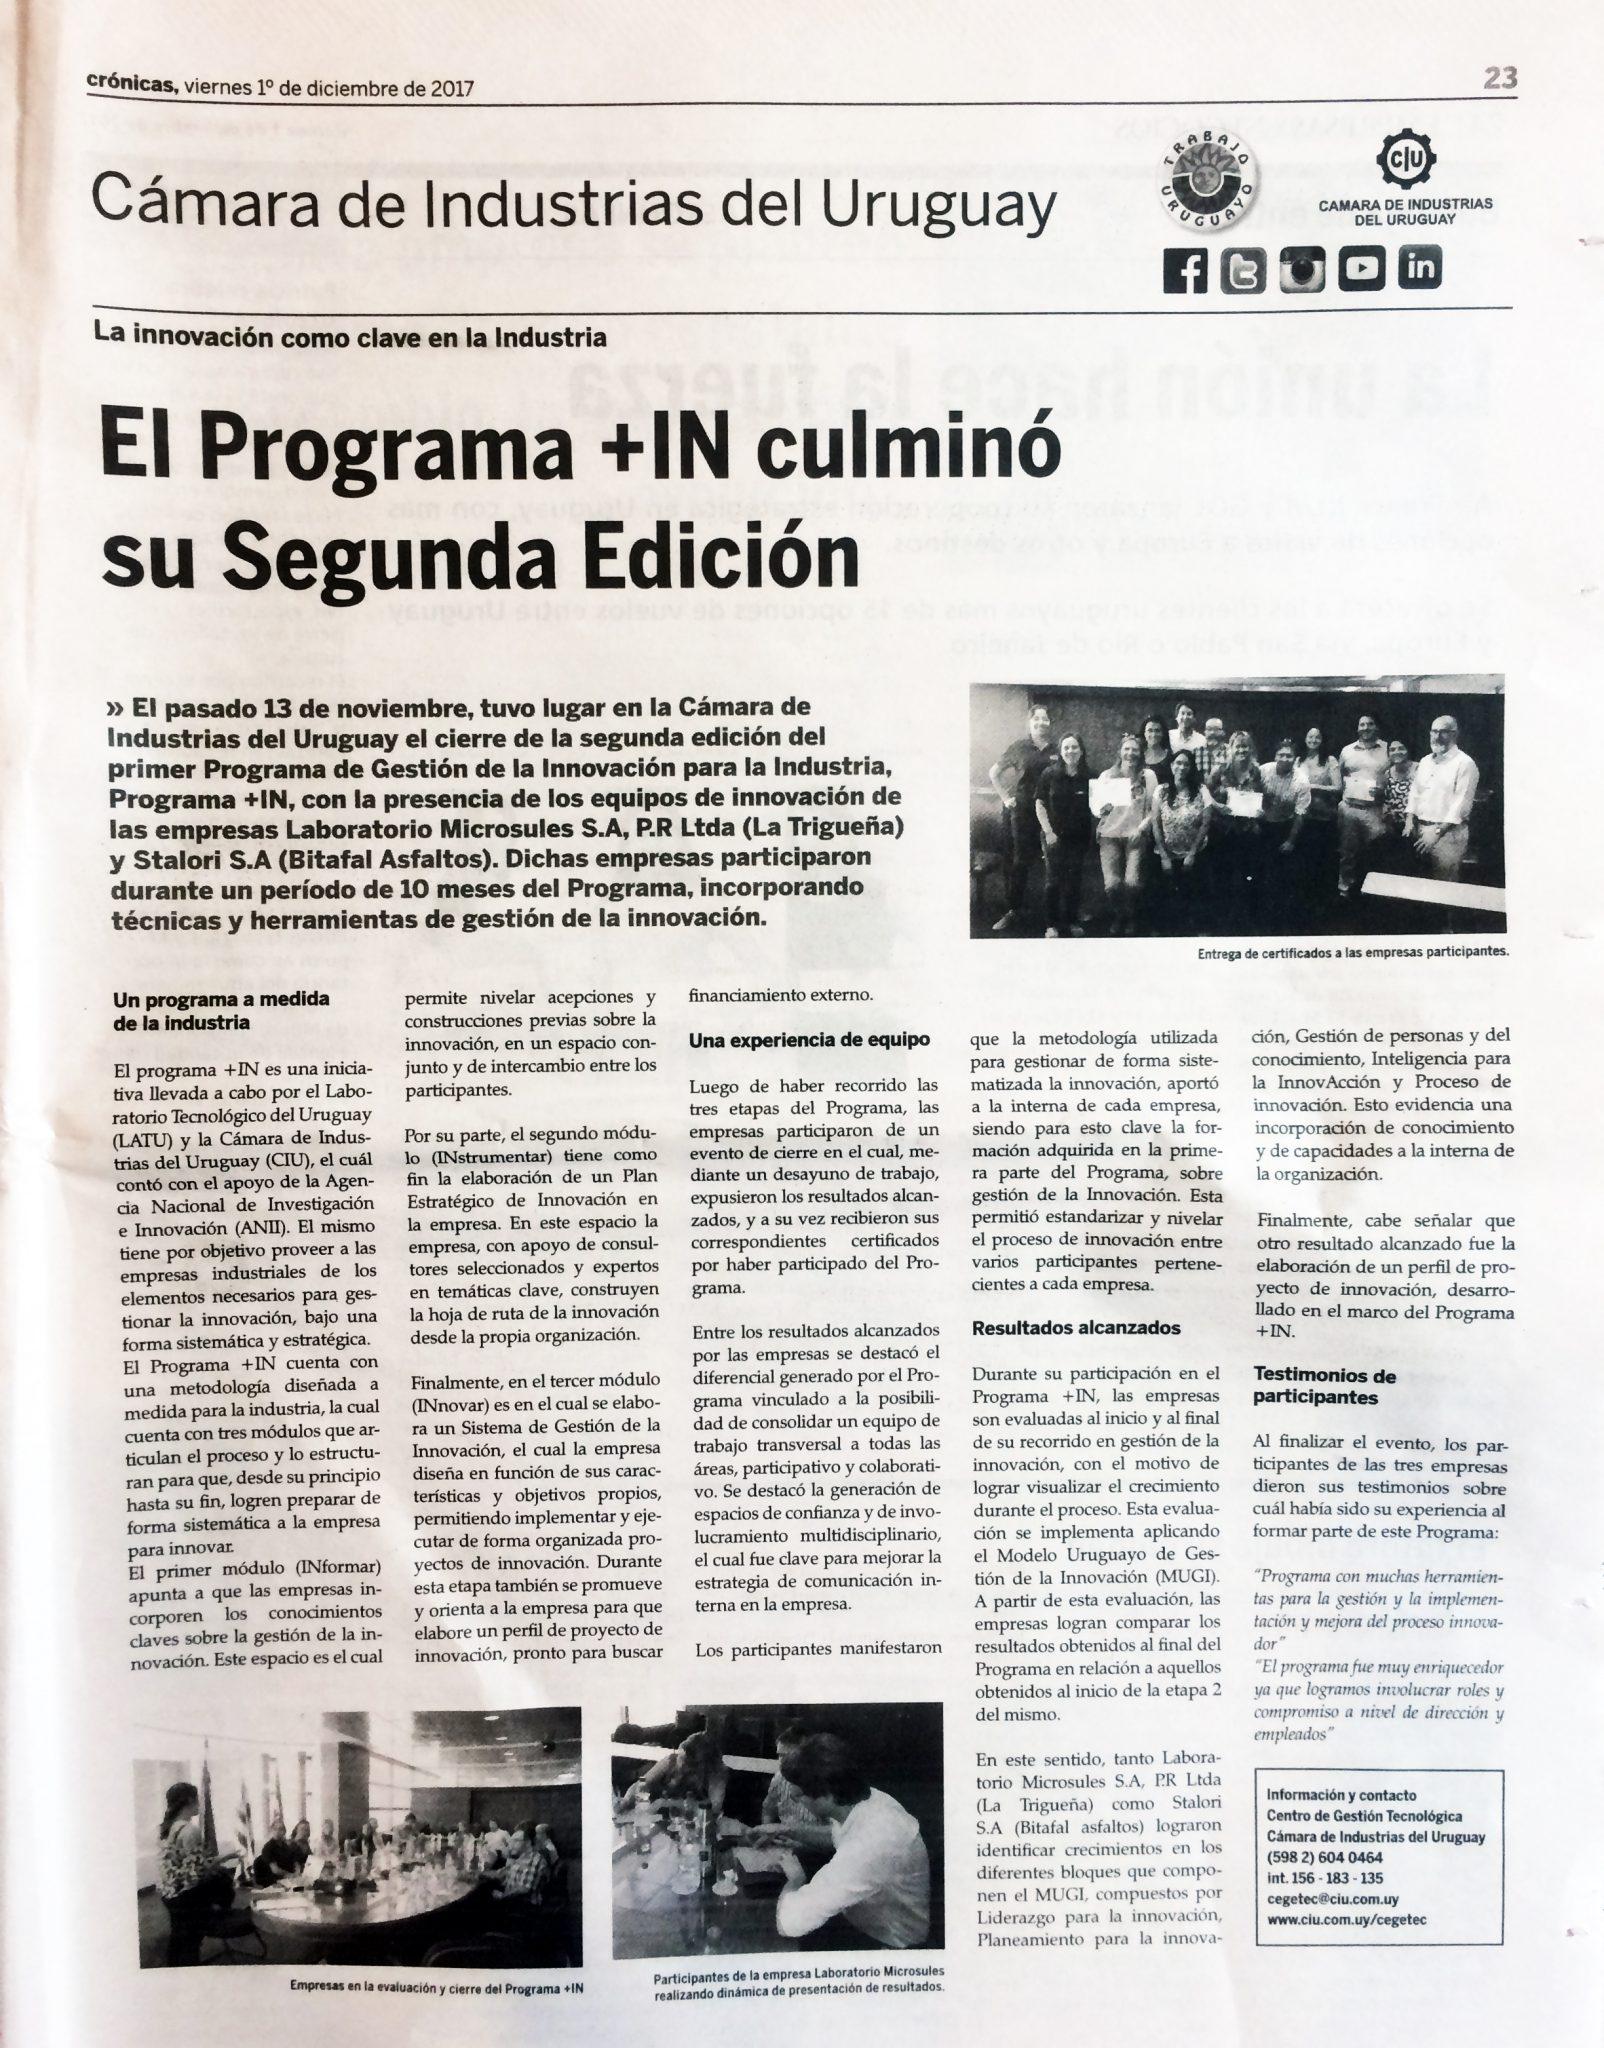 El Programa +IN culminó su segundo edición